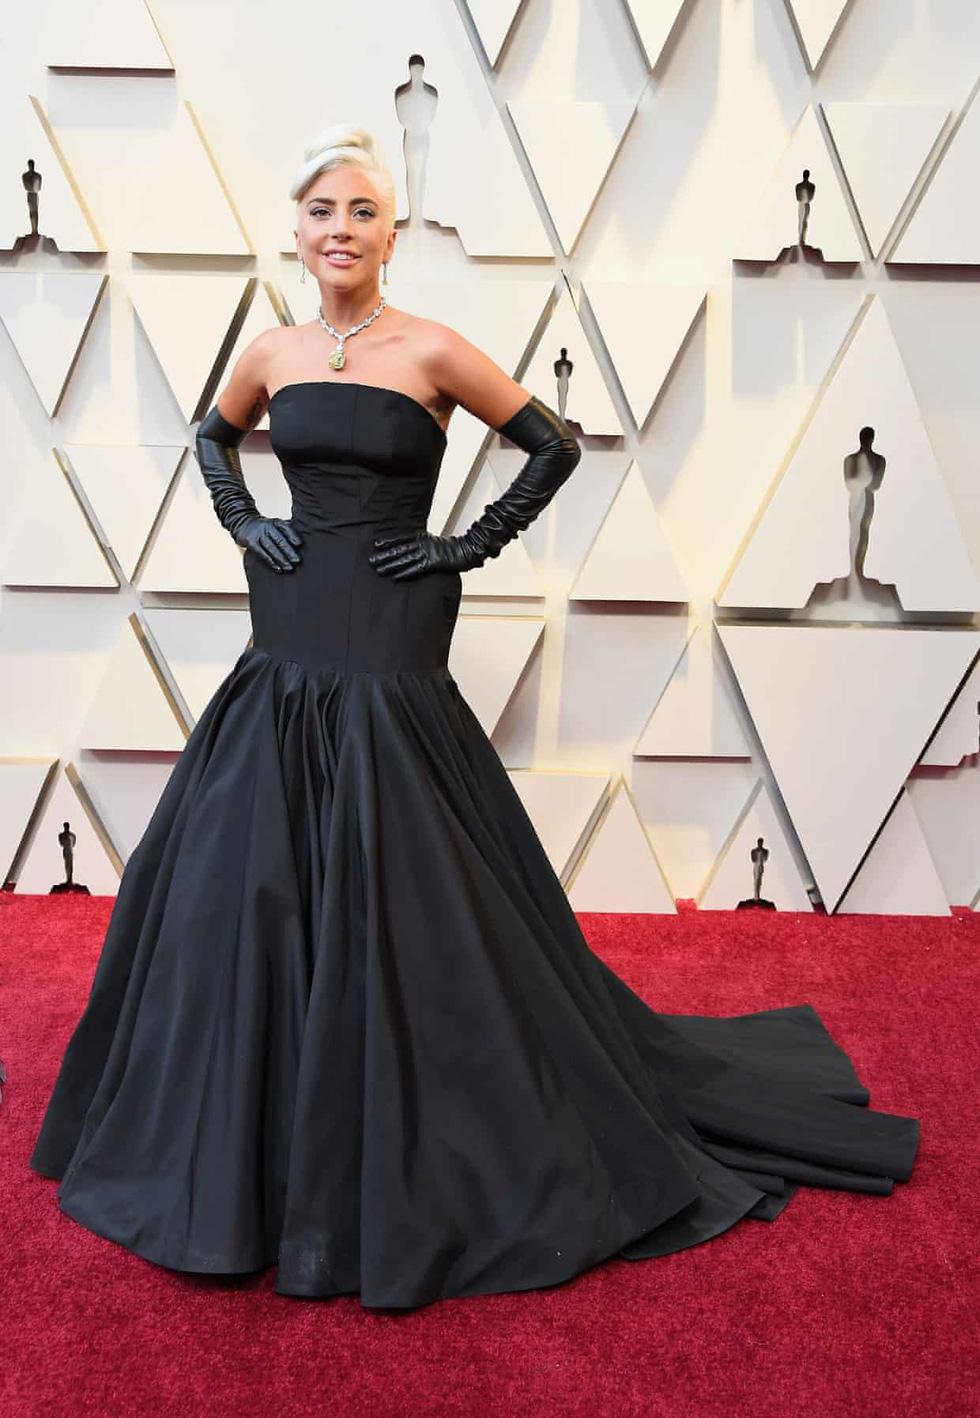 Lộng lẫy dàn sao Hollywood đổ về thảm đỏ Oscar lần thứ 91 - Ảnh 2.